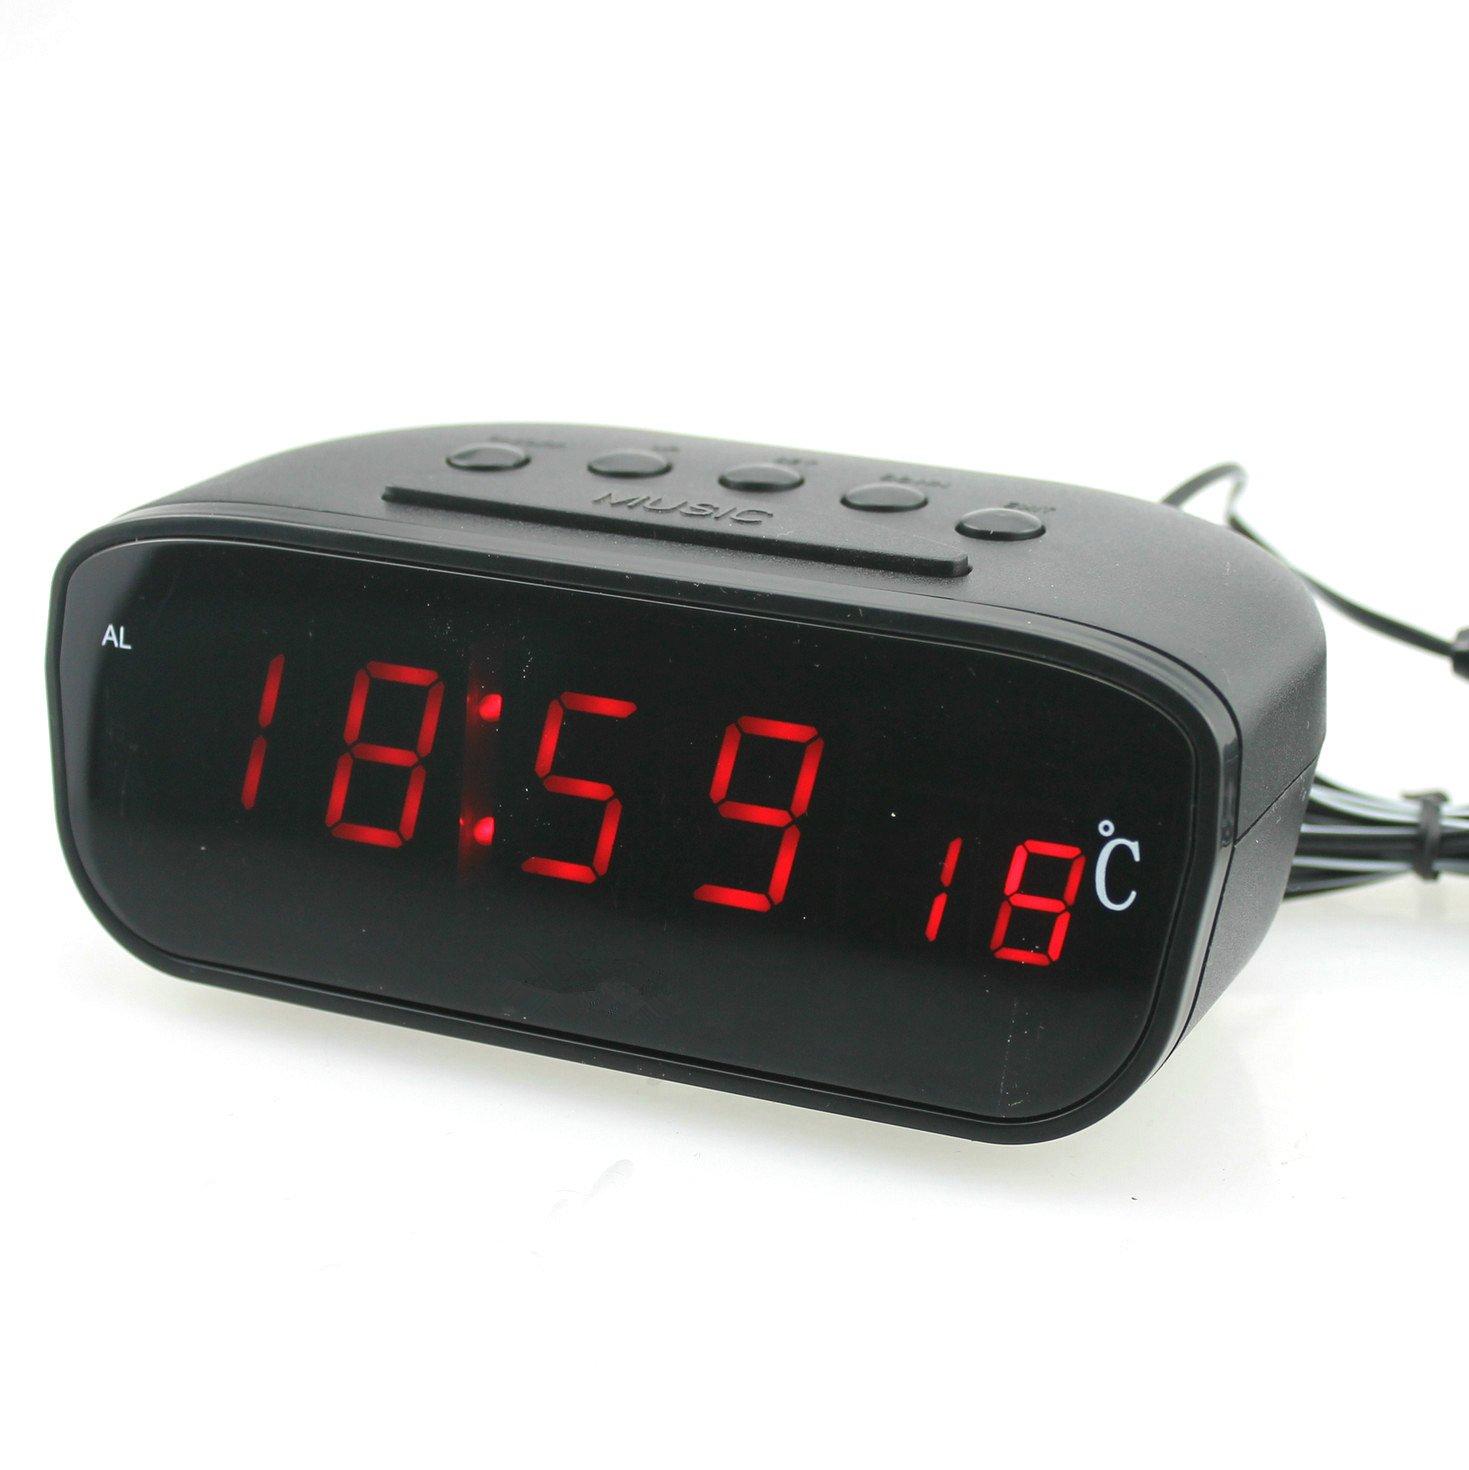 Grand, vue, rouge, LED, voiture, oiseau, son, musique, réveil, thermomètre